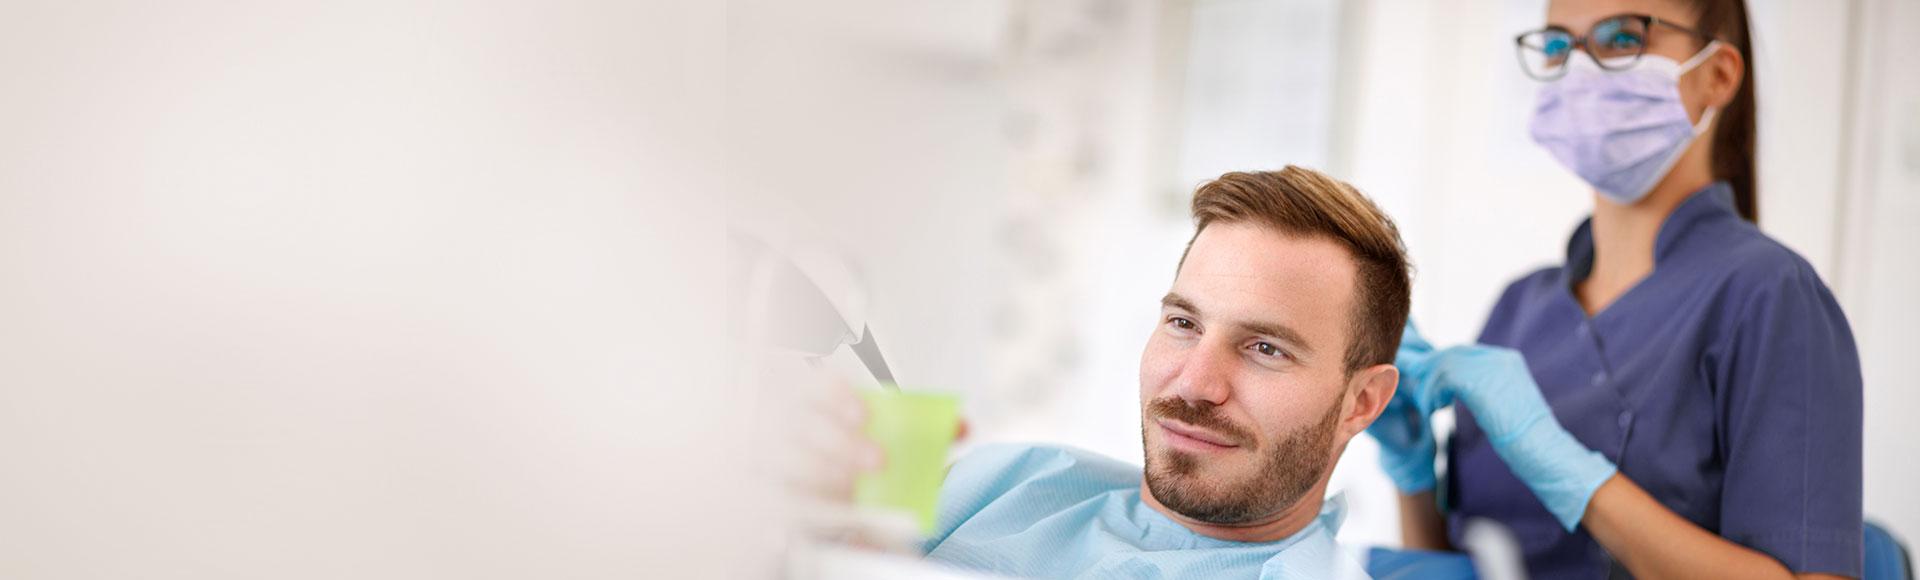 Professionelle Zahnreinigung Hamburg: Weisse gesunde Zähne und Prophylaxe